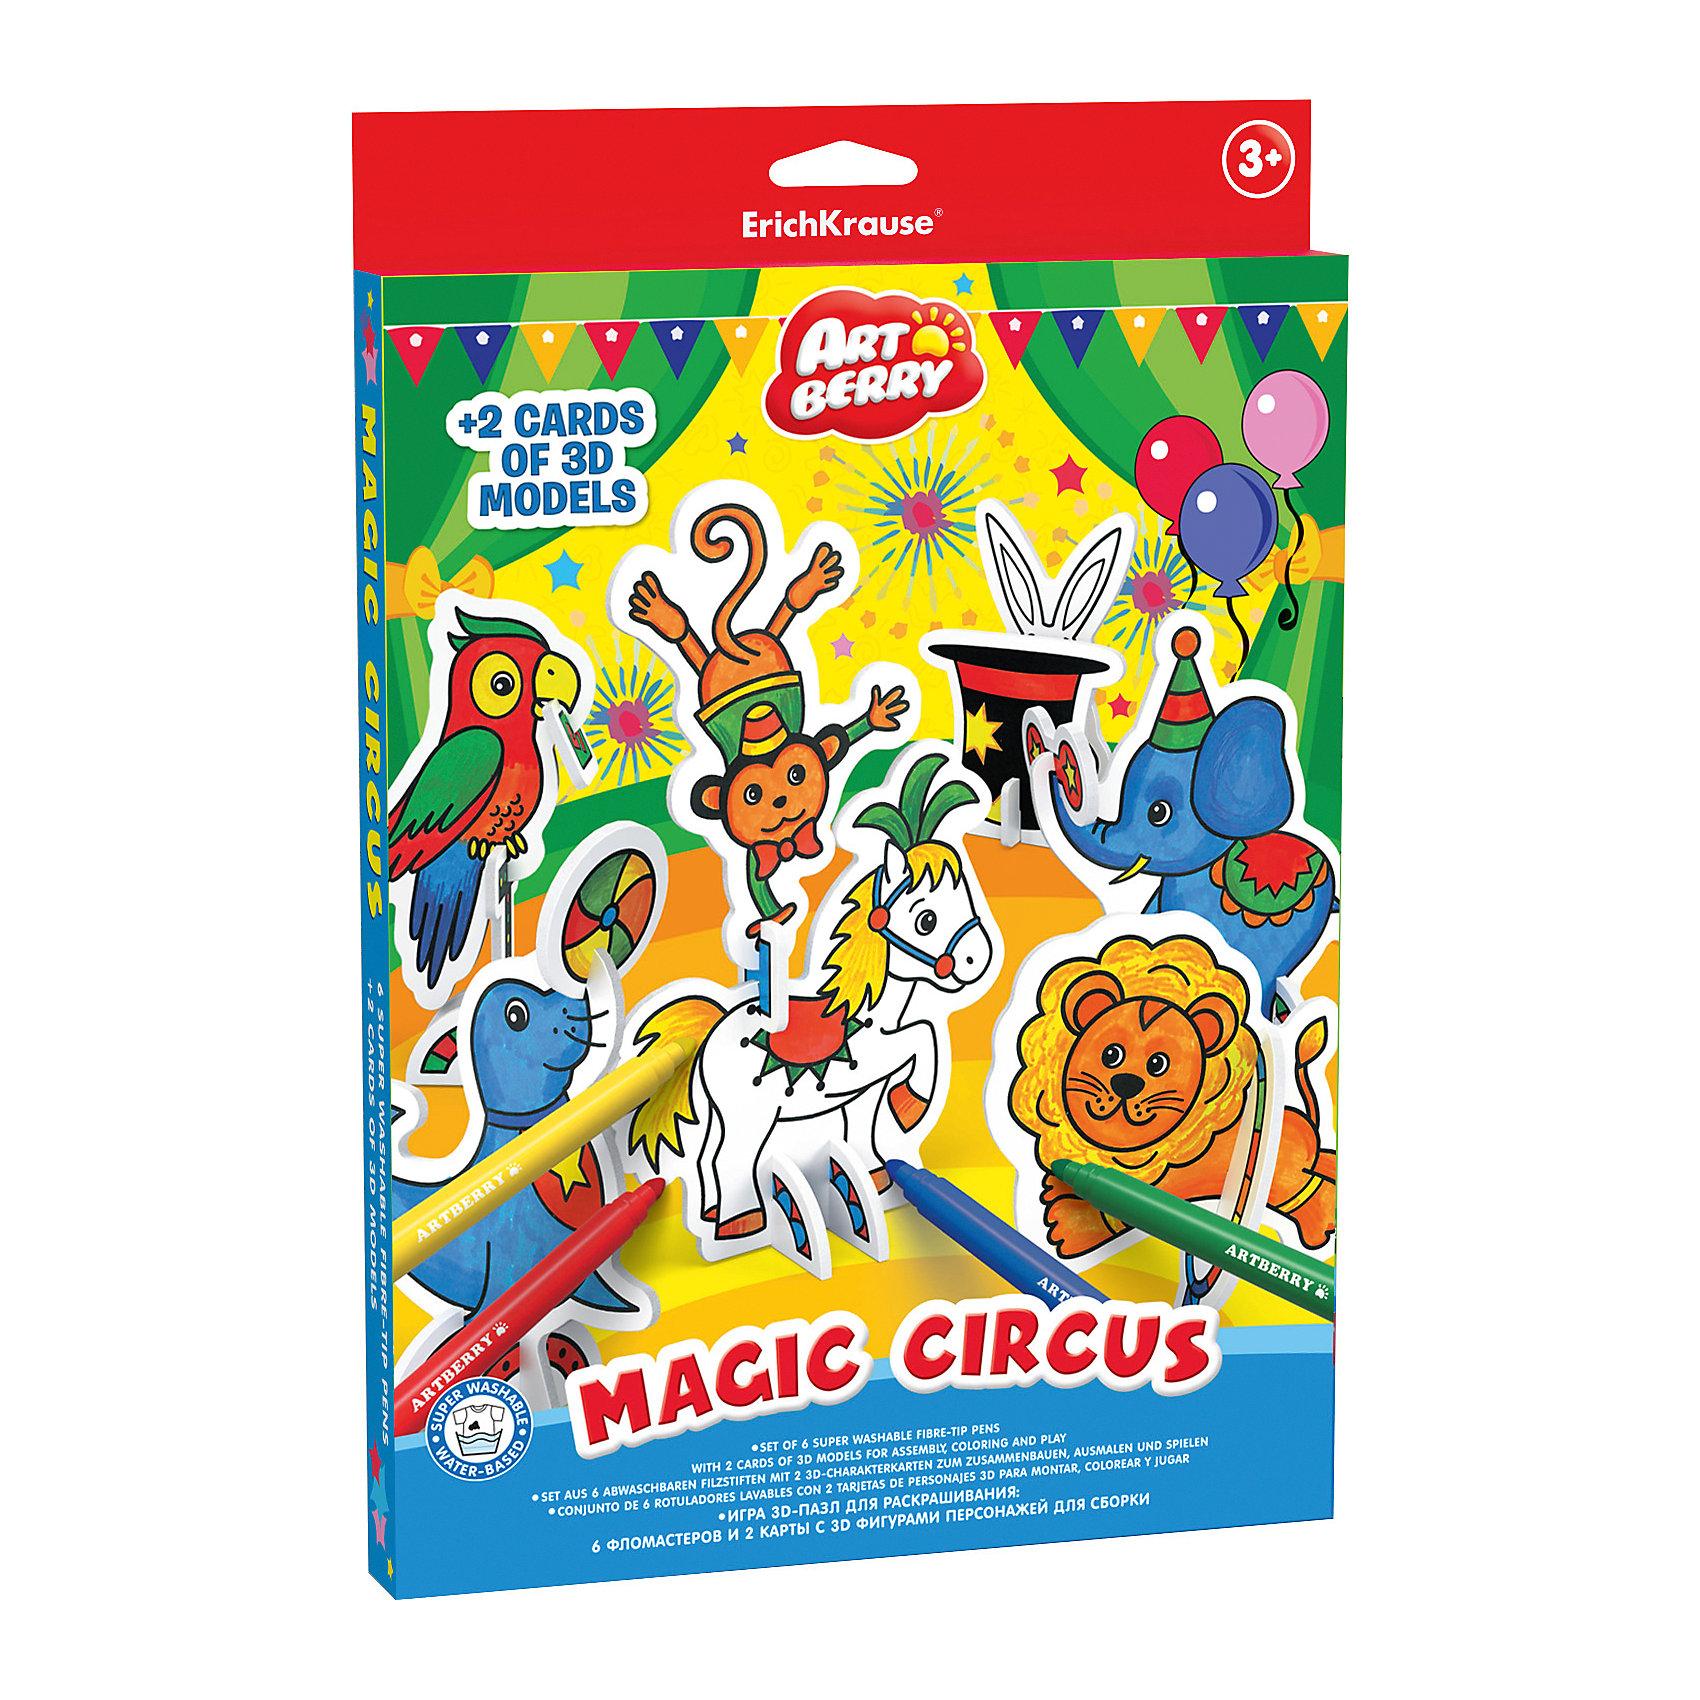 Игровой 3D-пазл для раскрашивания Волшебный цирк, ArtberryРисование<br>Характеристики товара:<br><br>• материал: гофрокартон <br>• в комплекте: модель для сборки и раскрашивания, фломастеры – 6 цветов<br>• возраст: от 3 лет<br>• габариты упаковки: 23х30х2,5 см<br>• вес: 243 г<br>• страна производитель: Россия<br><br>Пазлы в формате 3Д – отличная игрушка для развития мышления и мелкой моторики малыша. Пользу игрушке добавляет возможность раскрашивания готовой модели, которая развивает творческие способности ребенка. Все необходимое уже включено в набор.<br><br>Игровой 3D-пазл для раскрашивания Волшебный цирк от бренда Artberry можно купить в нашем интернет-магазине.<br><br>Ширина мм: 230<br>Глубина мм: 300<br>Высота мм: 25<br>Вес г: 243<br>Возраст от месяцев: 36<br>Возраст до месяцев: 2147483647<br>Пол: Унисекс<br>Возраст: Детский<br>SKU: 5409354